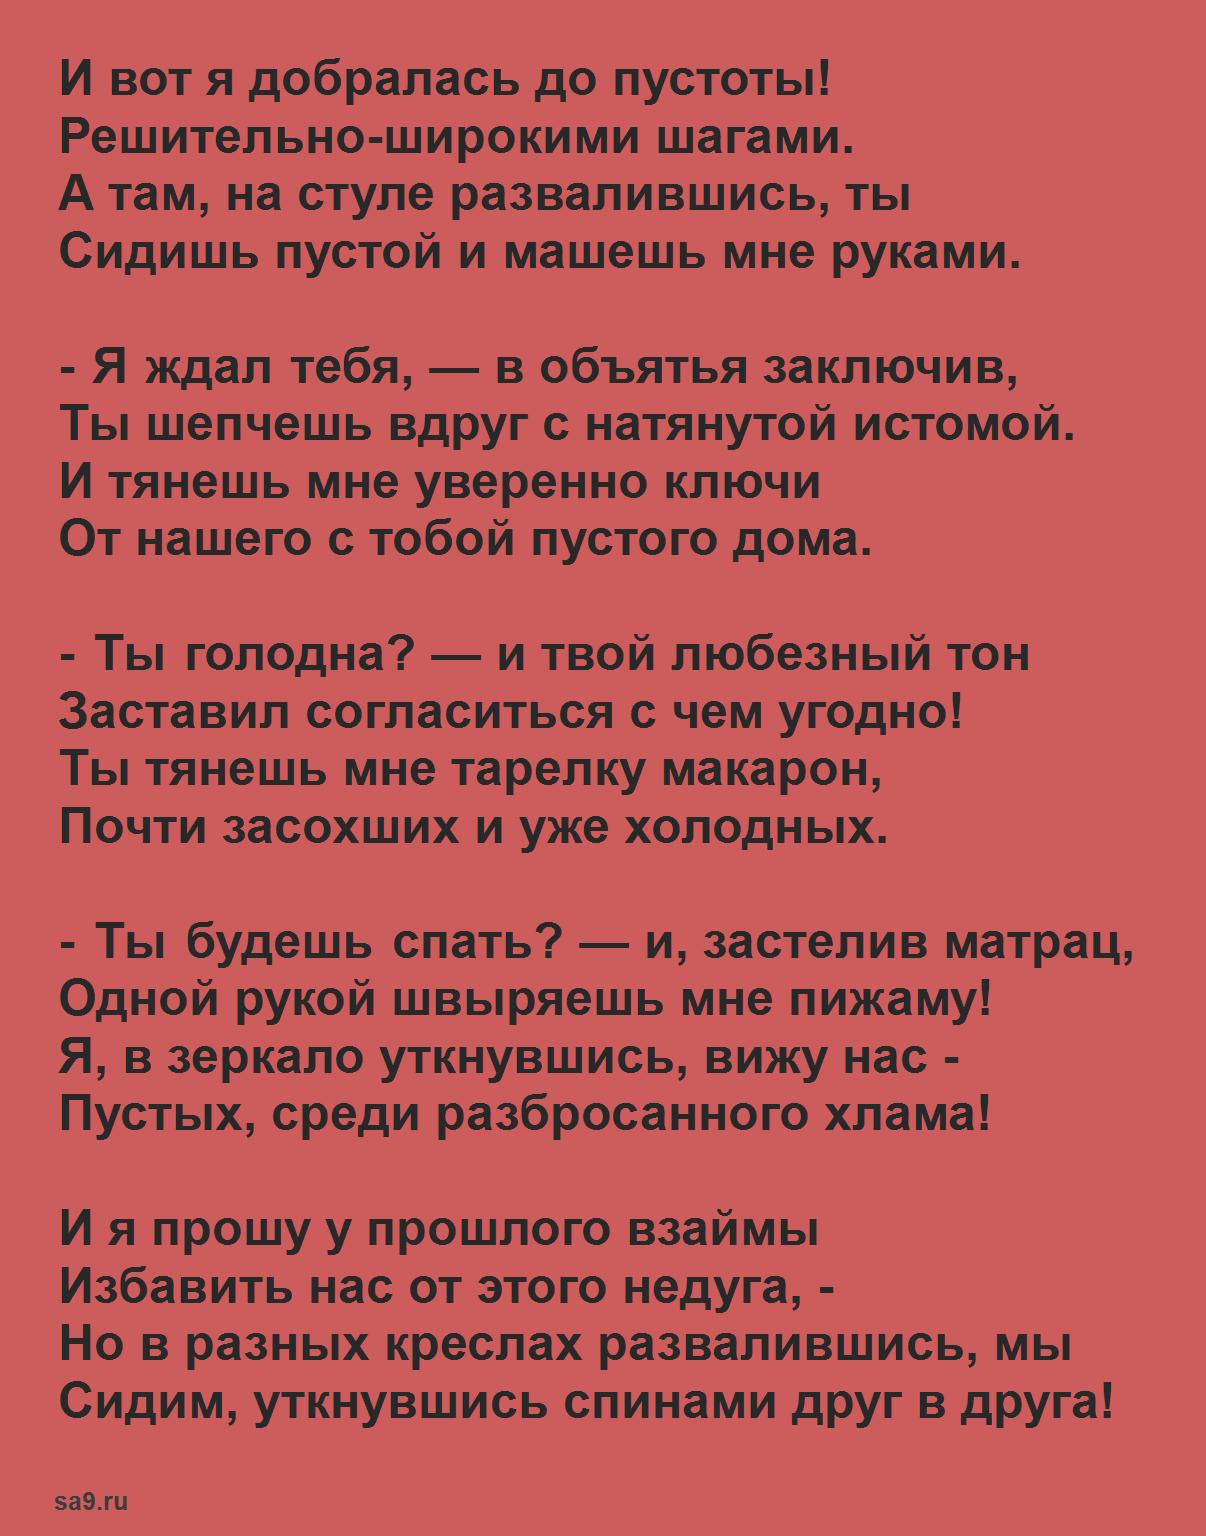 Читать стихи Астаховой - И вот я добралась до пустоты